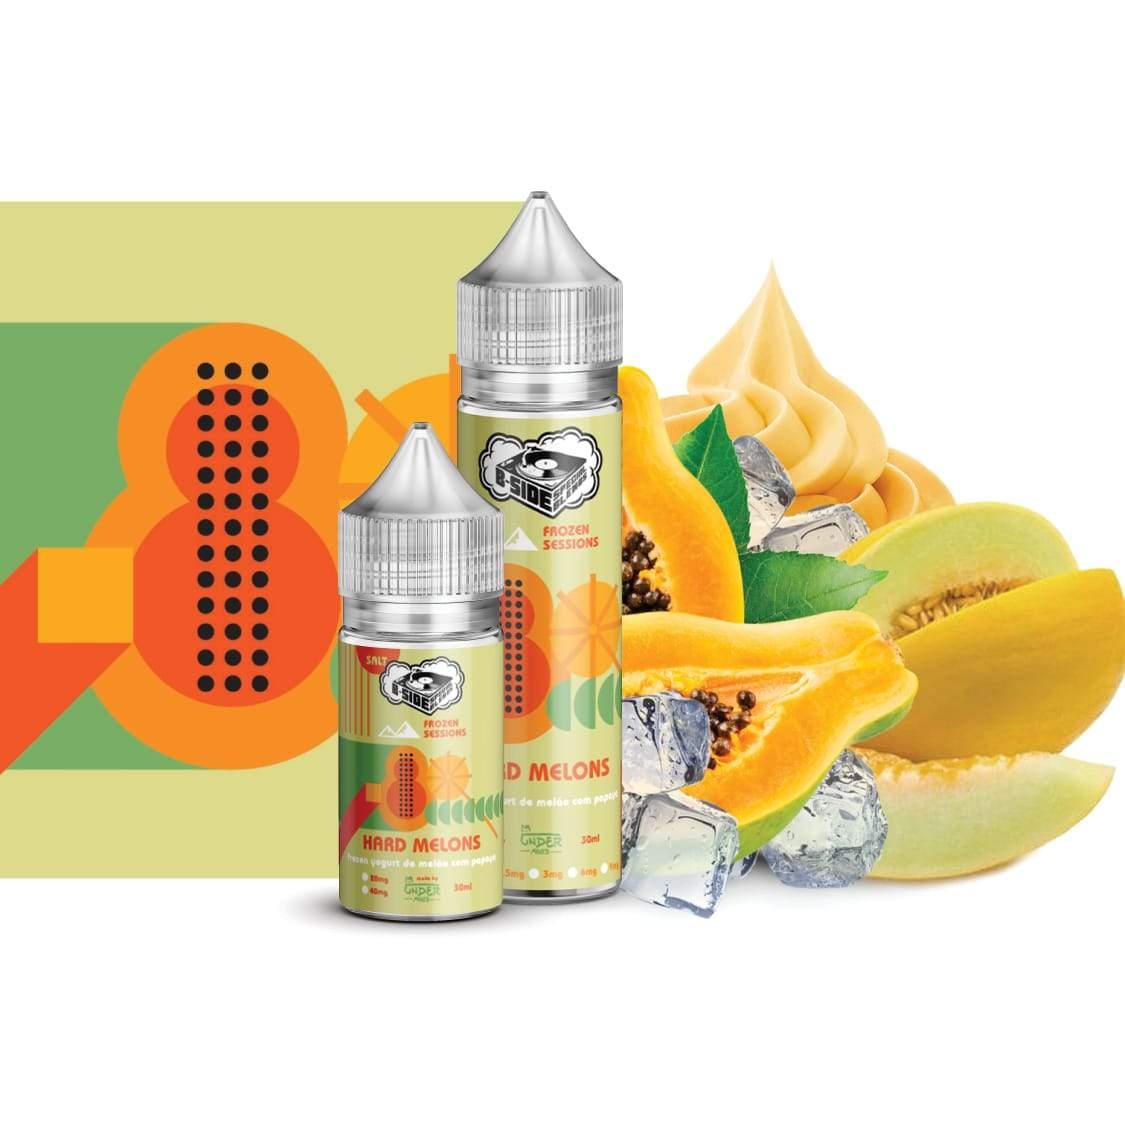 Hard Melons Salt 30ML - B-SIDE Special Blends